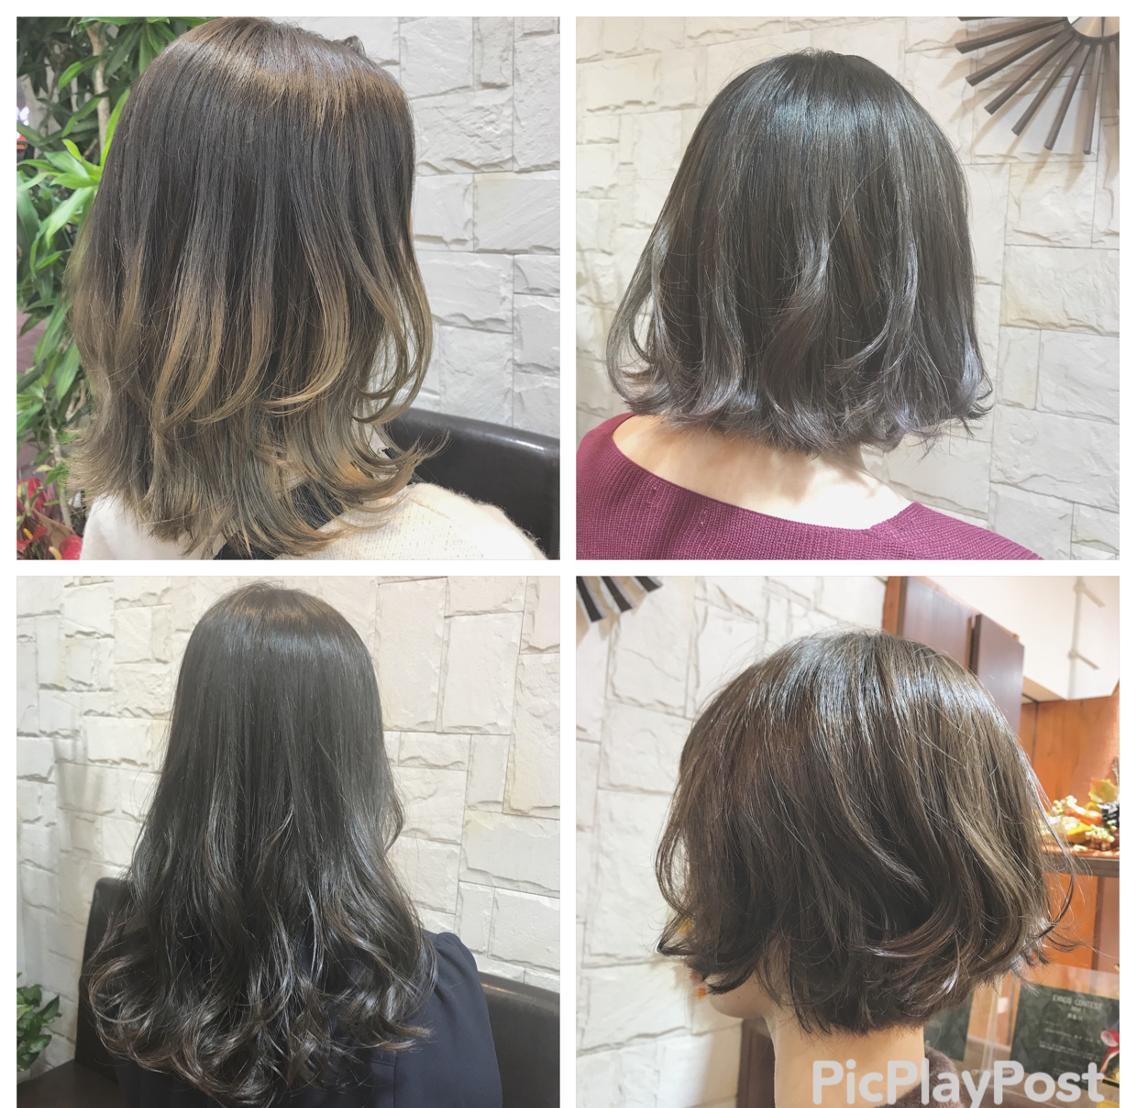 【春styleご用意してます】毛髪診断と地肌状況にあわせてあなたに似合うstyleを一緒に考えます!全てケア重視のメニューなのでなりたいstyleになれるだけではなく今よりも髪を綺麗に✨